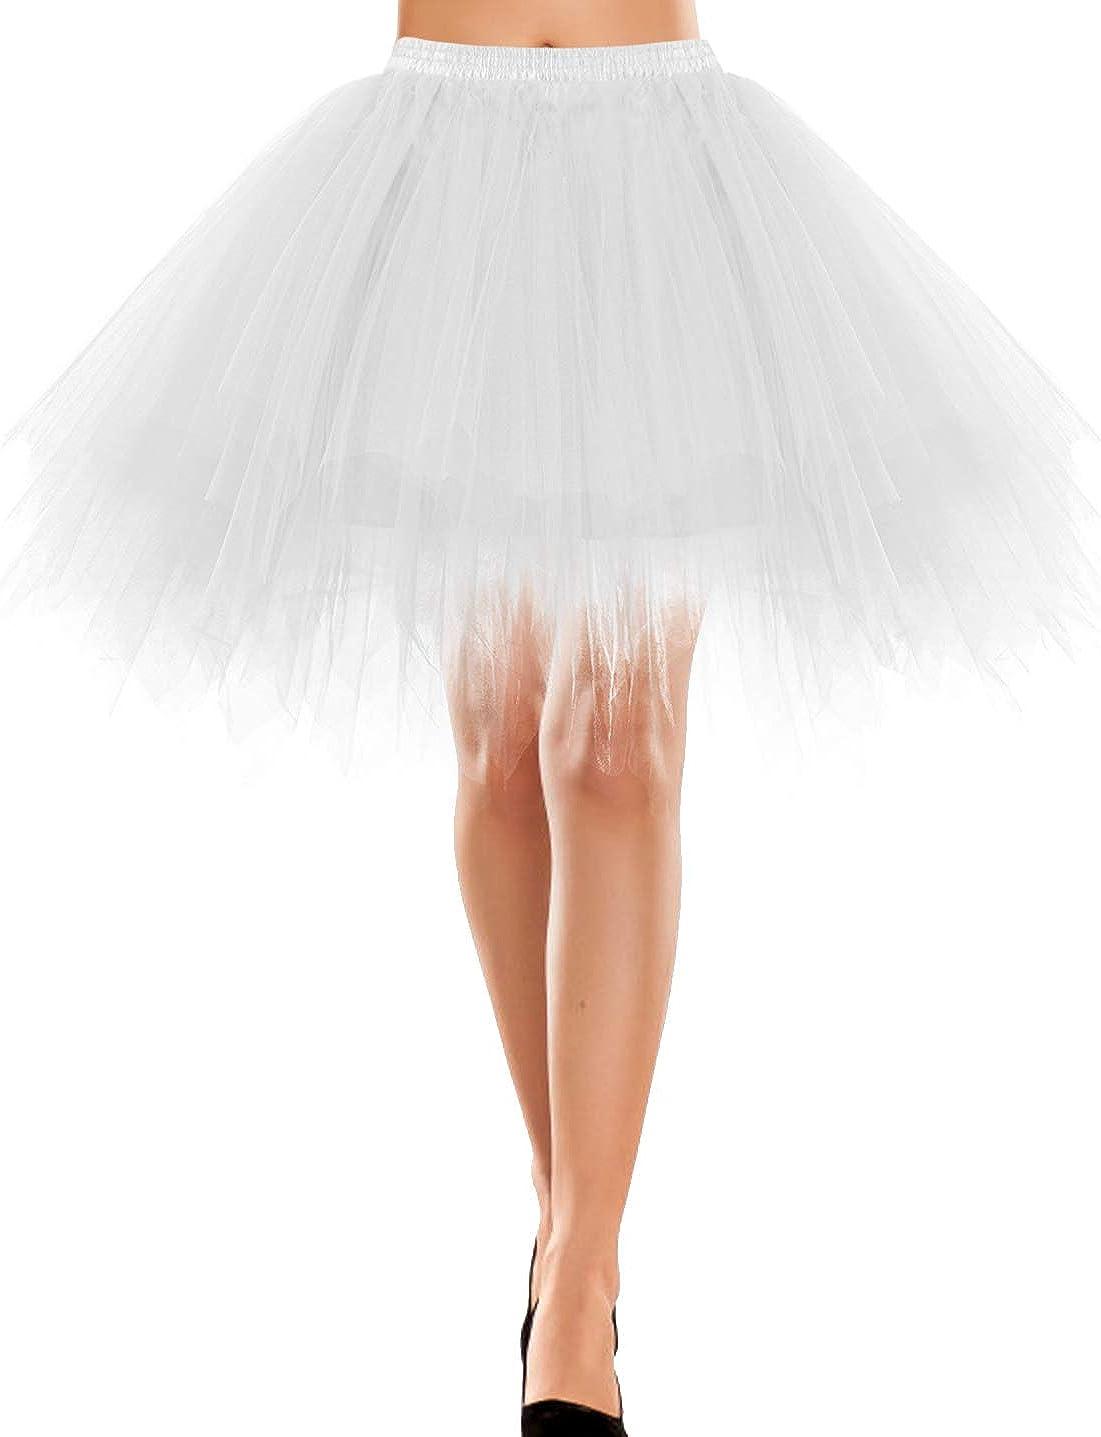 Bbonlinedress Women's Mini Tulle Skirt 1950s Vintage Adult Ballet Tutu Skater Skirt for Cosplay Party